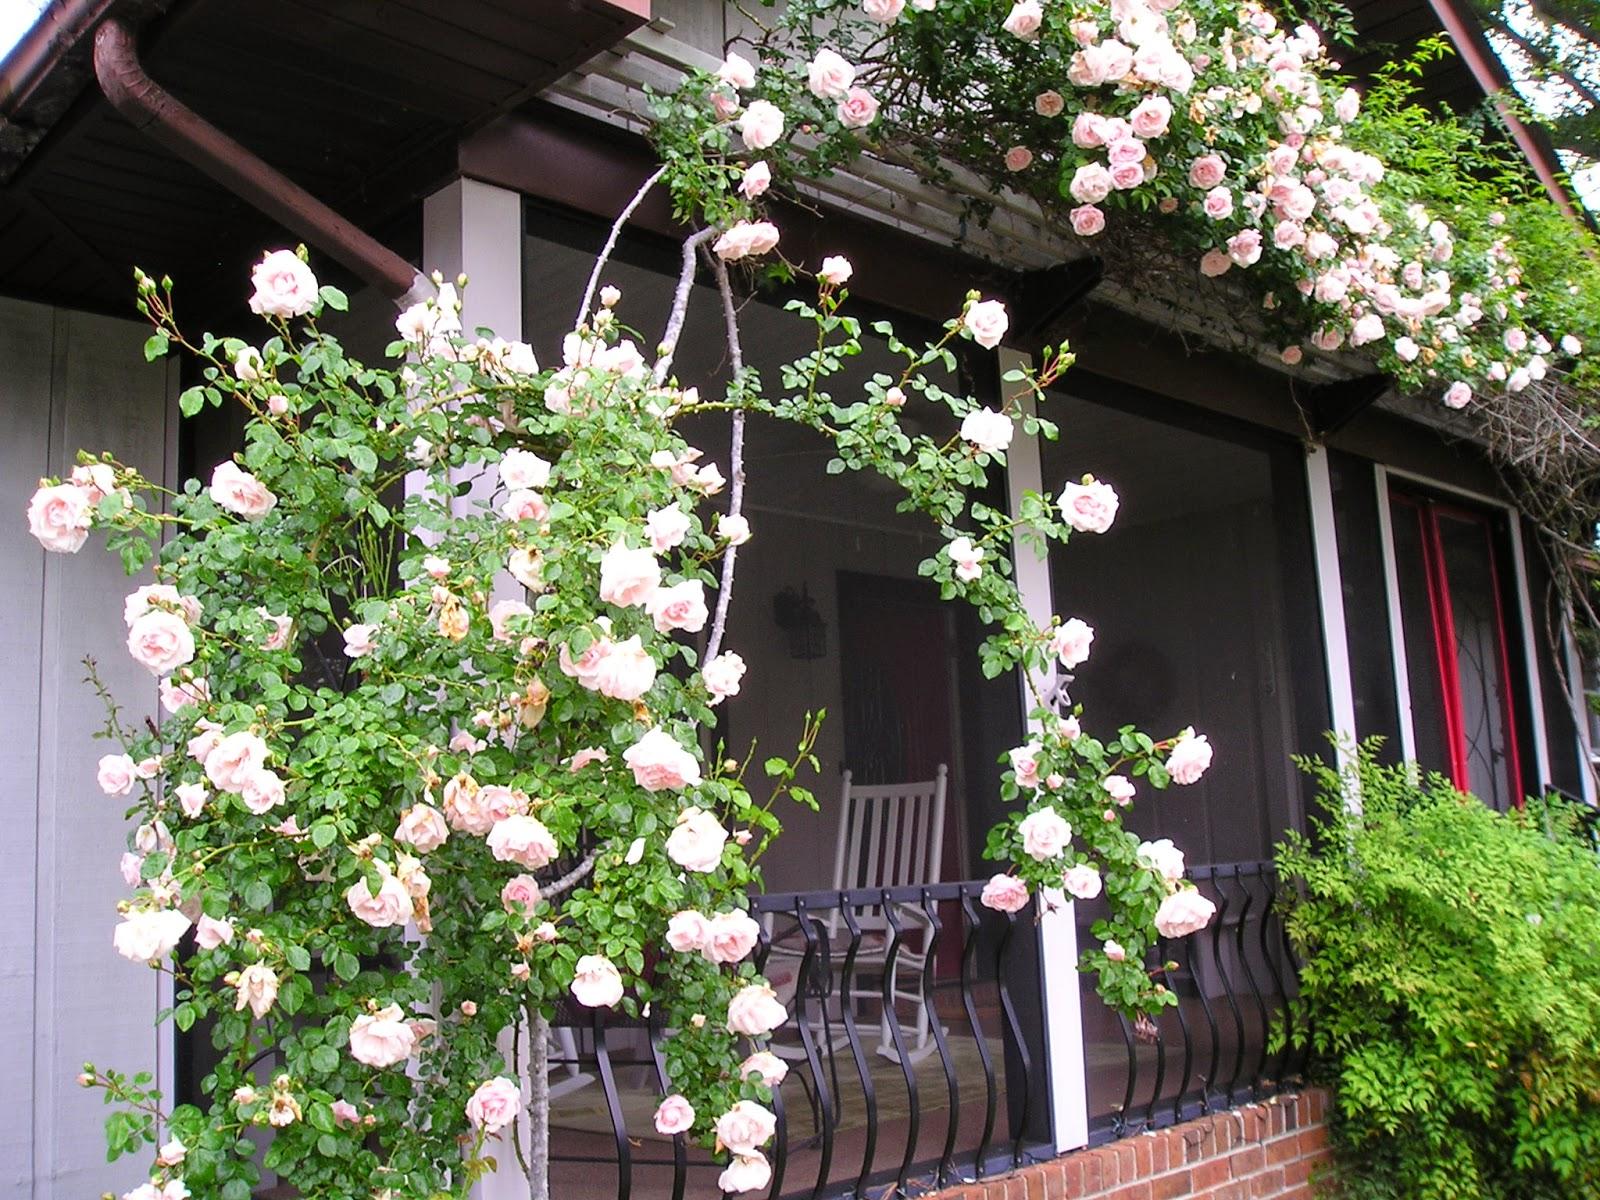 Carol S Garden: Carol's Greenville NC Garden: New Dawn Rose